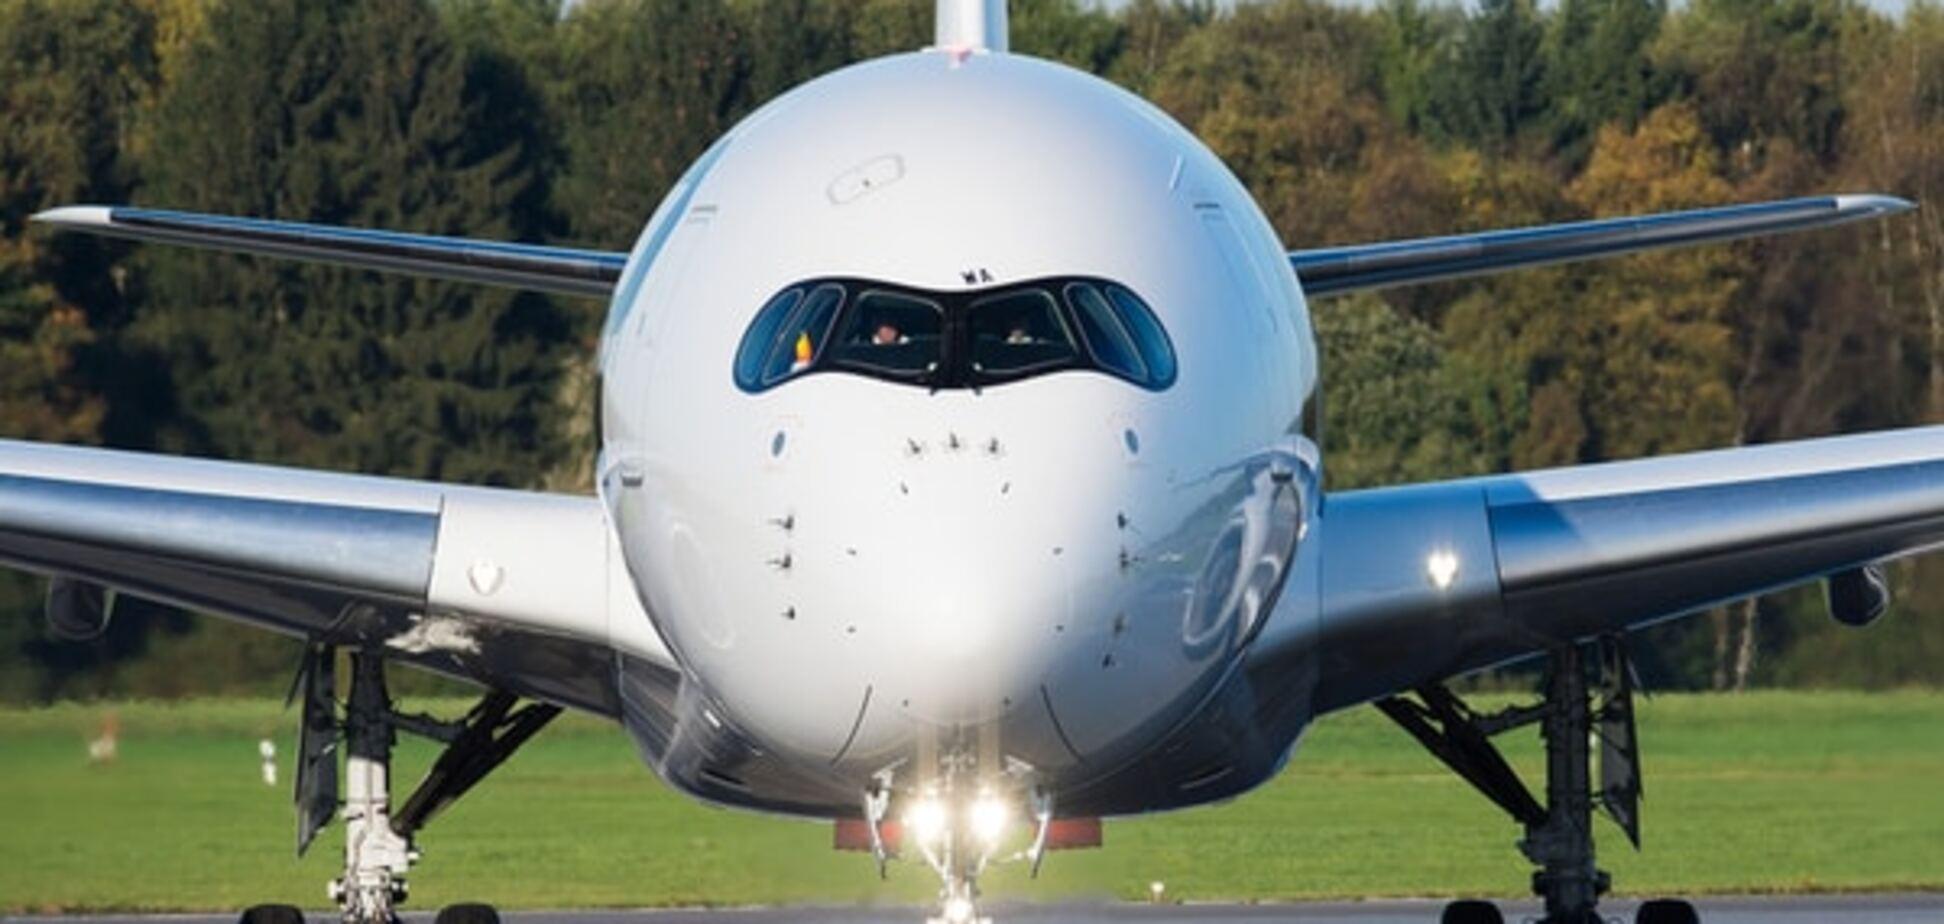 Пілоти розкрили таємниці польотів, які не знають пасажири